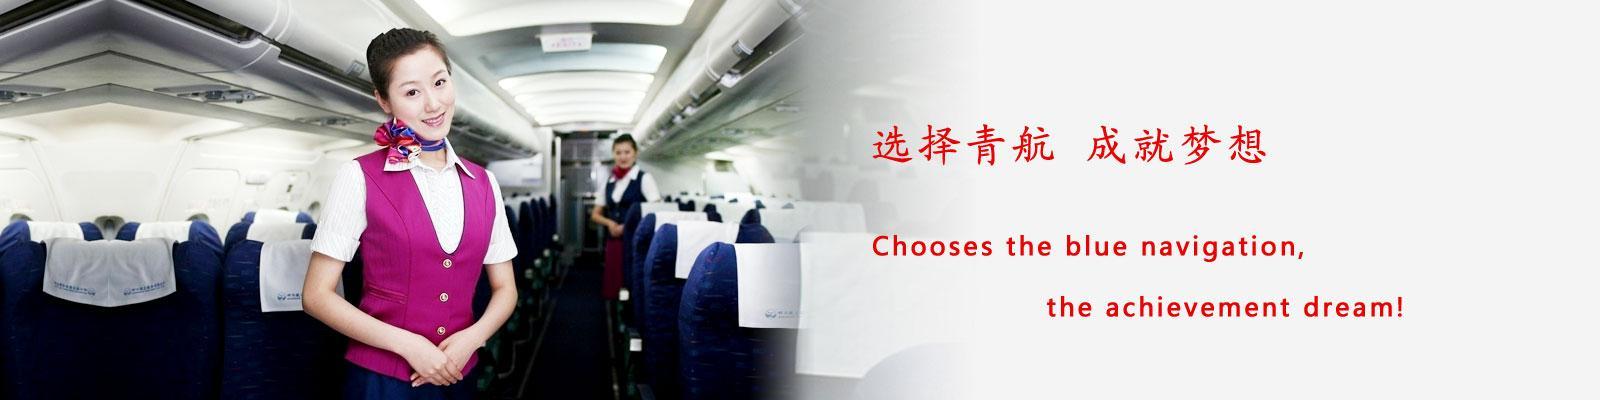 青岛航空职业技术学校2017招生专业有哪些?